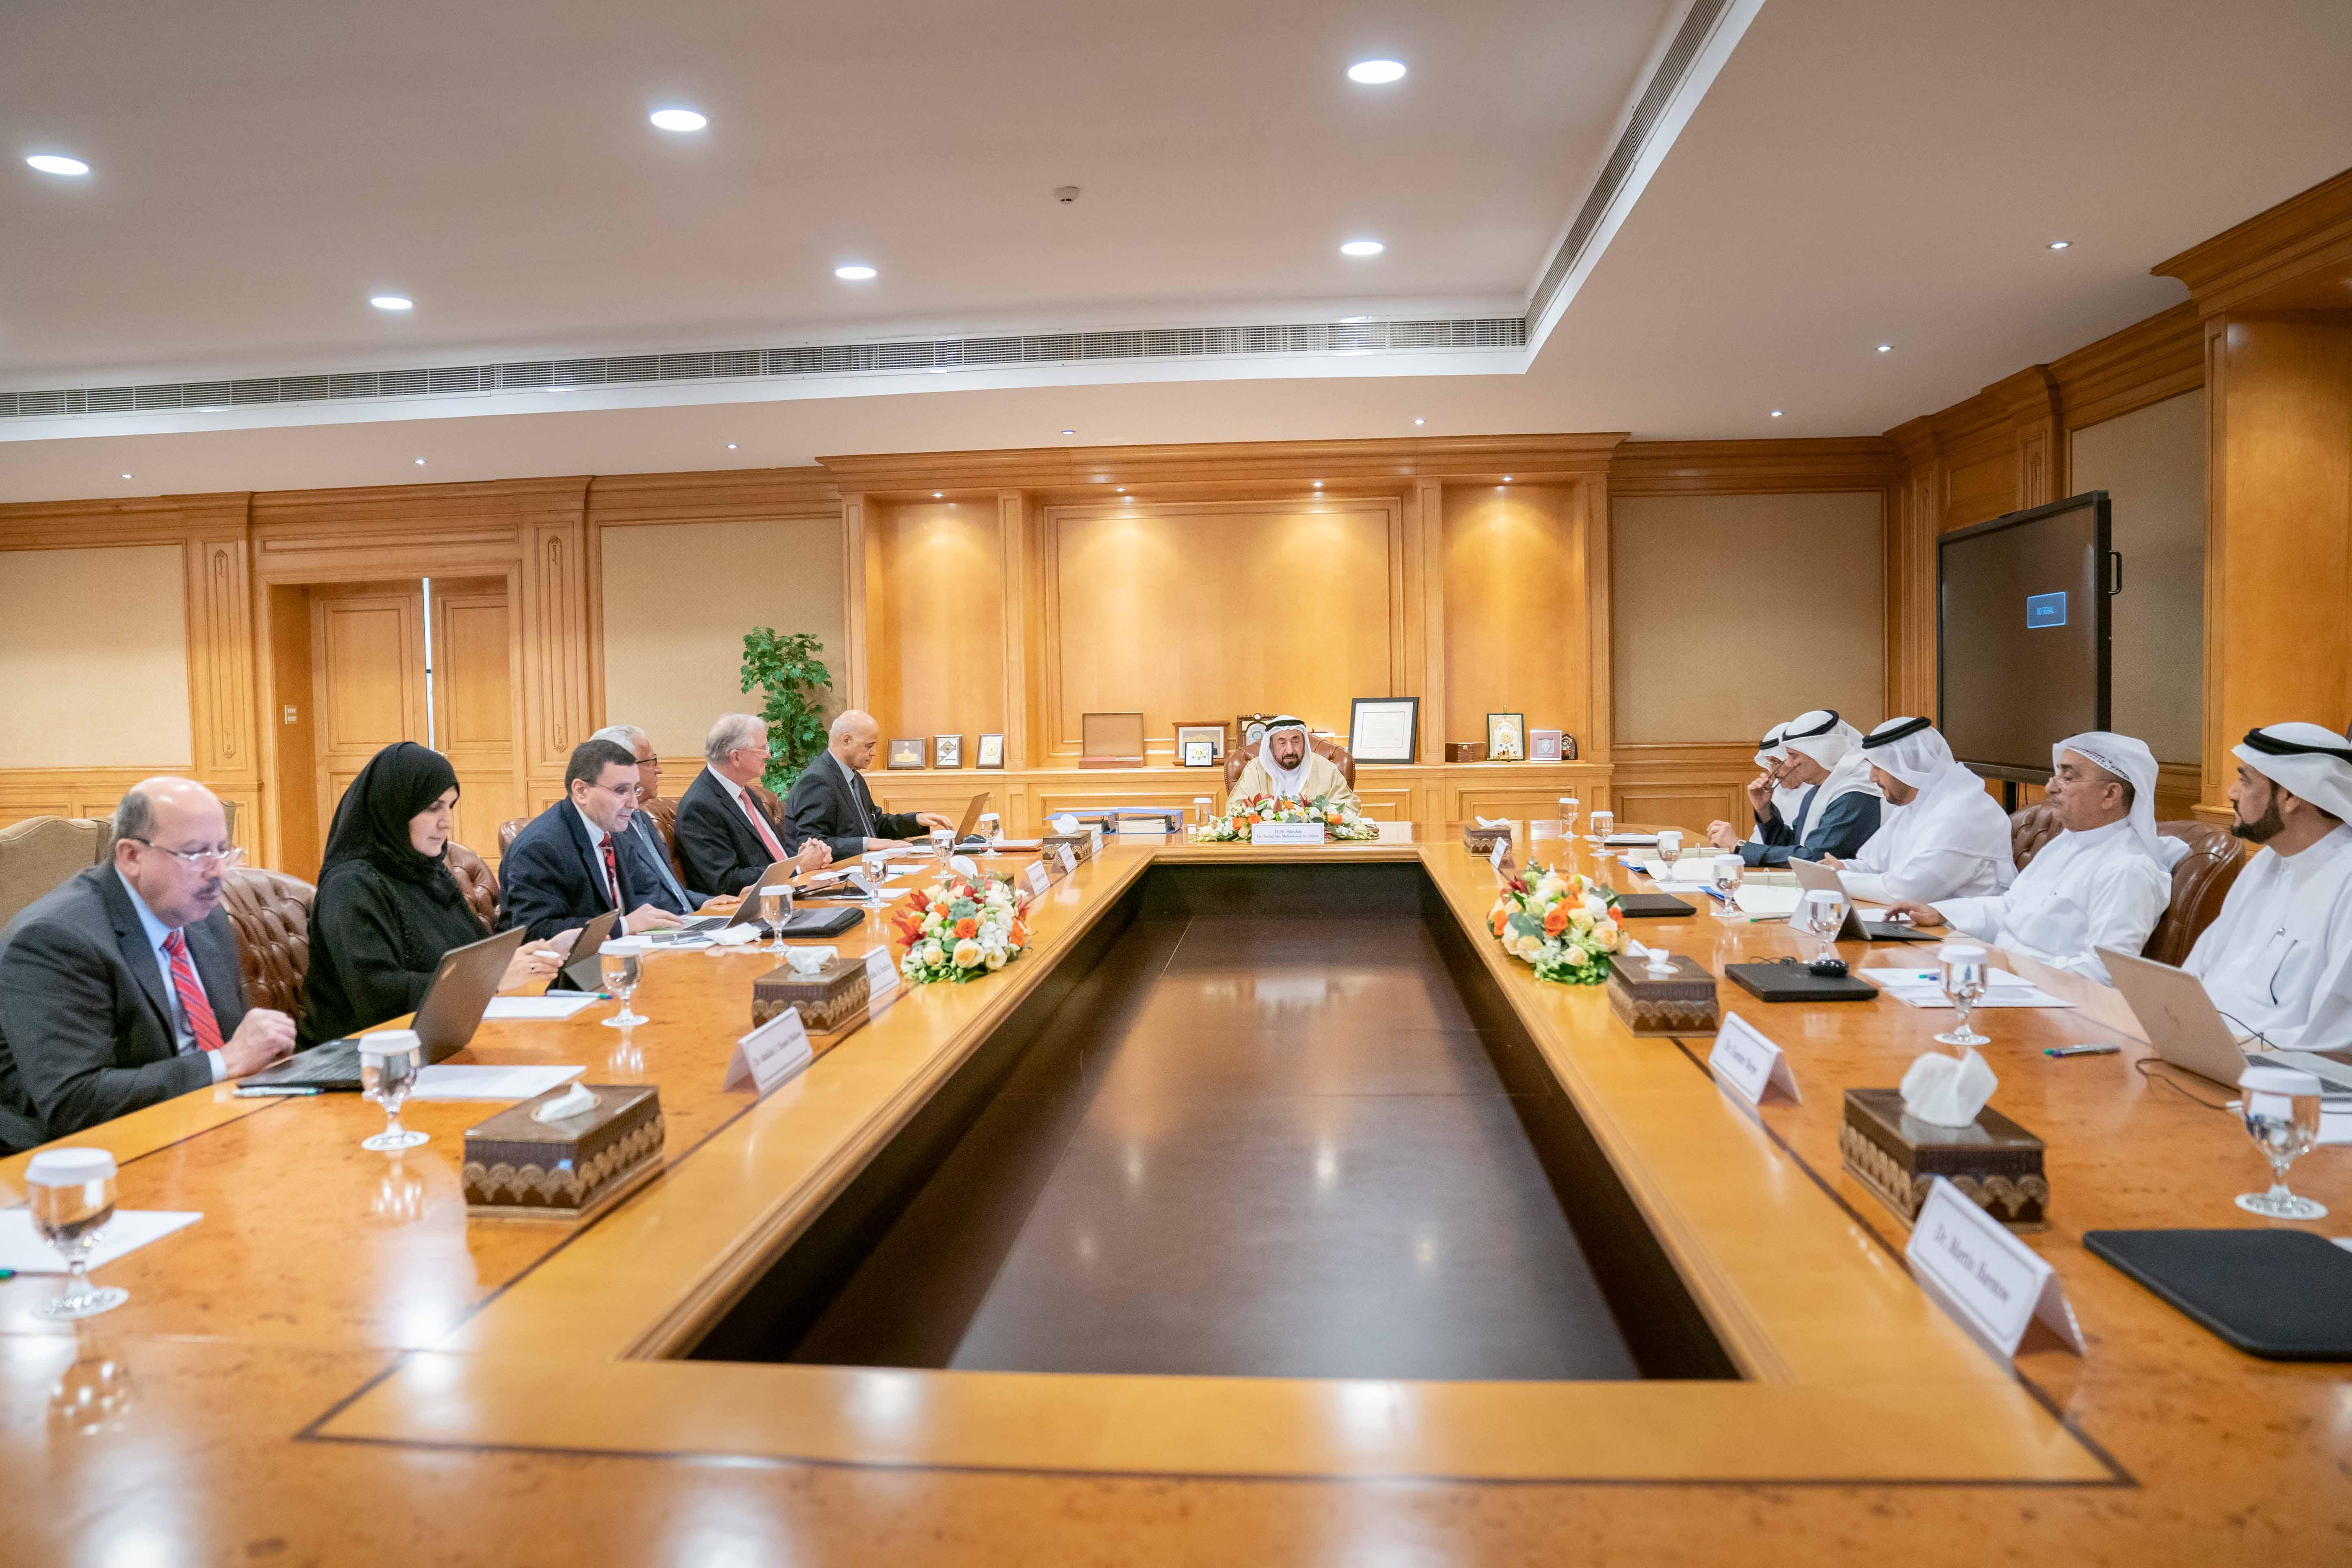 سلطان القاسمي يرأس اجتماع مجلس أمناء جامعة الشارقة